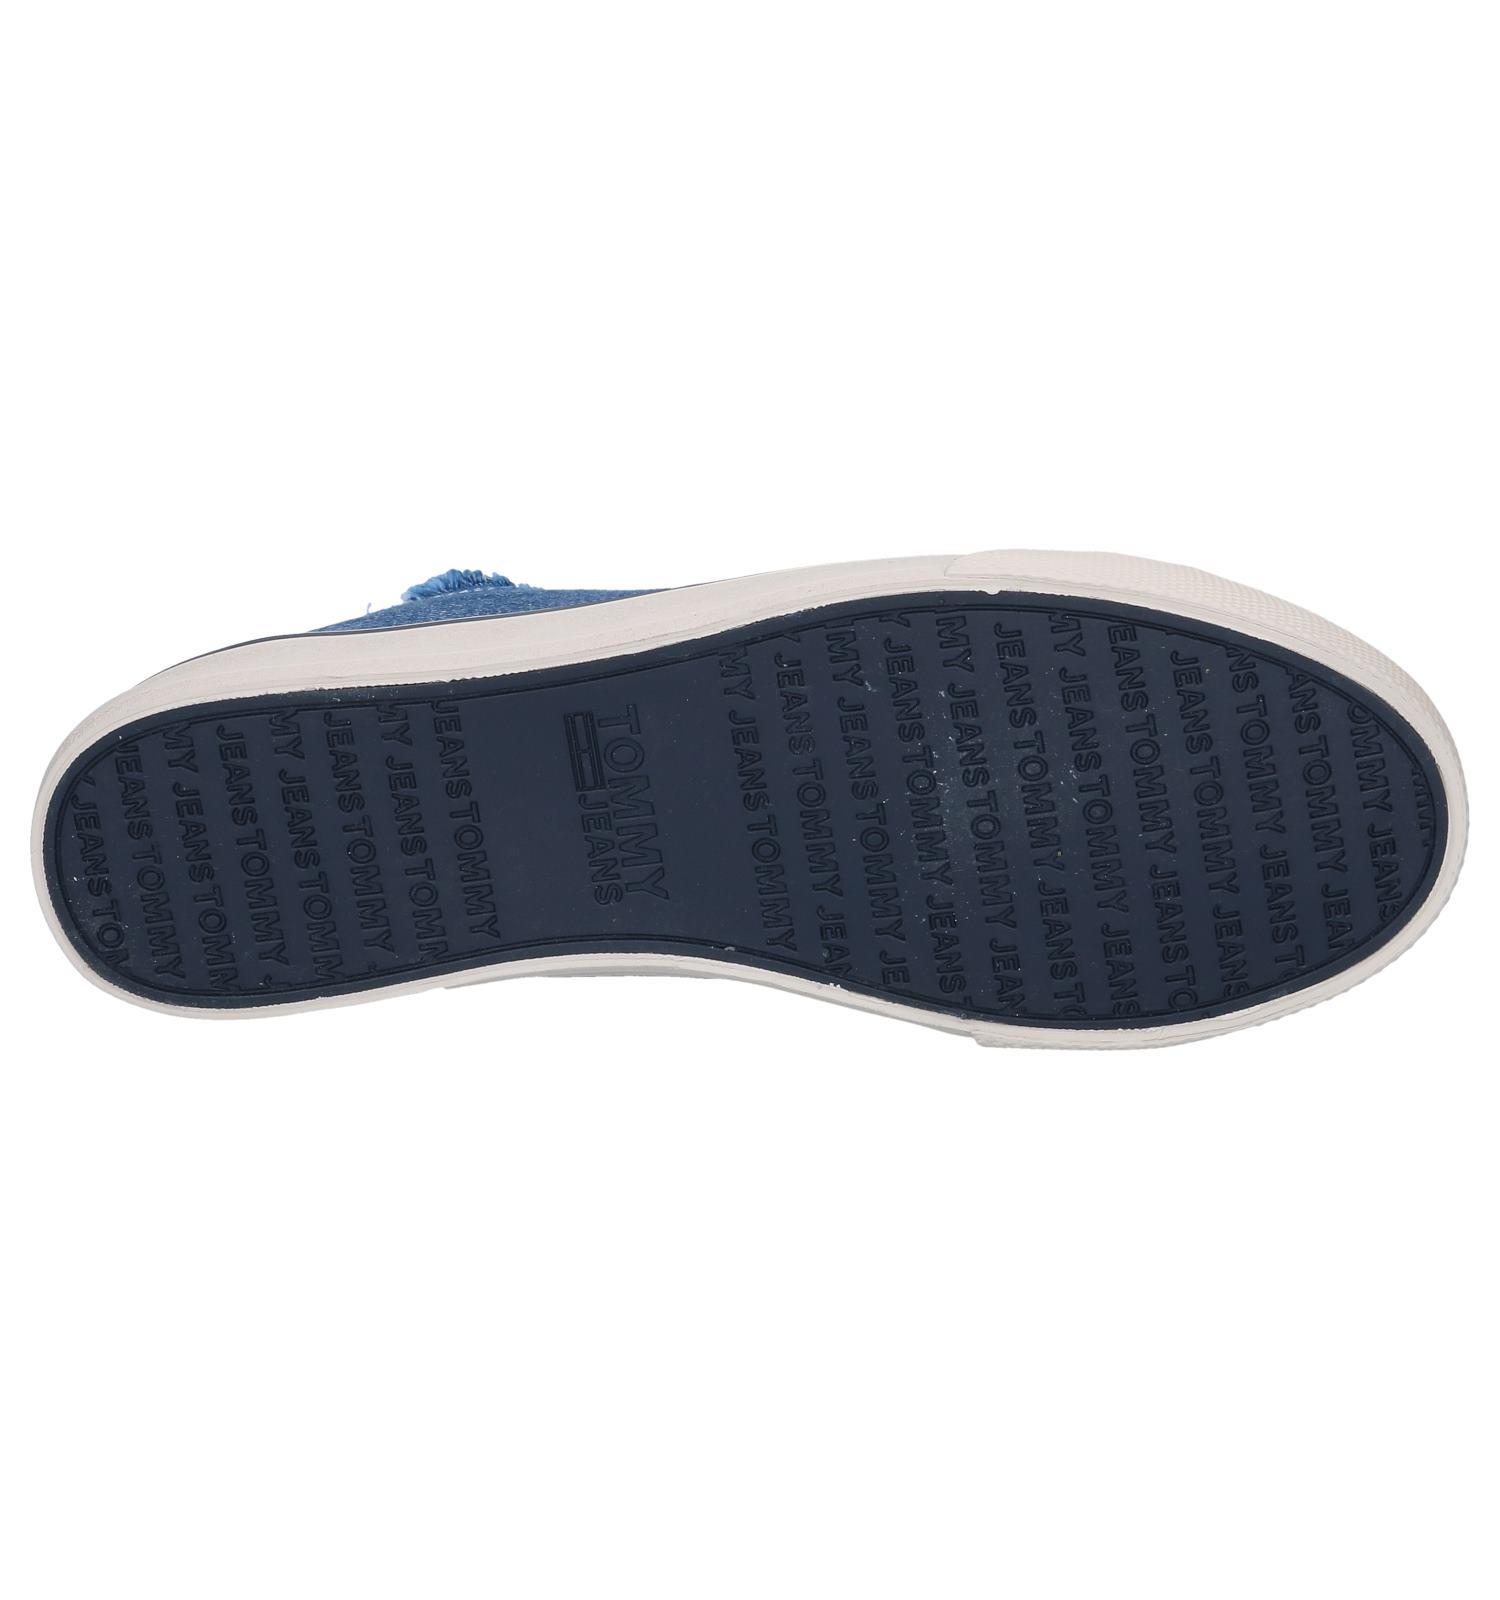 Hilfiger Tommy Lowcut Sneakers Jeans Blauwe lF1cKJ